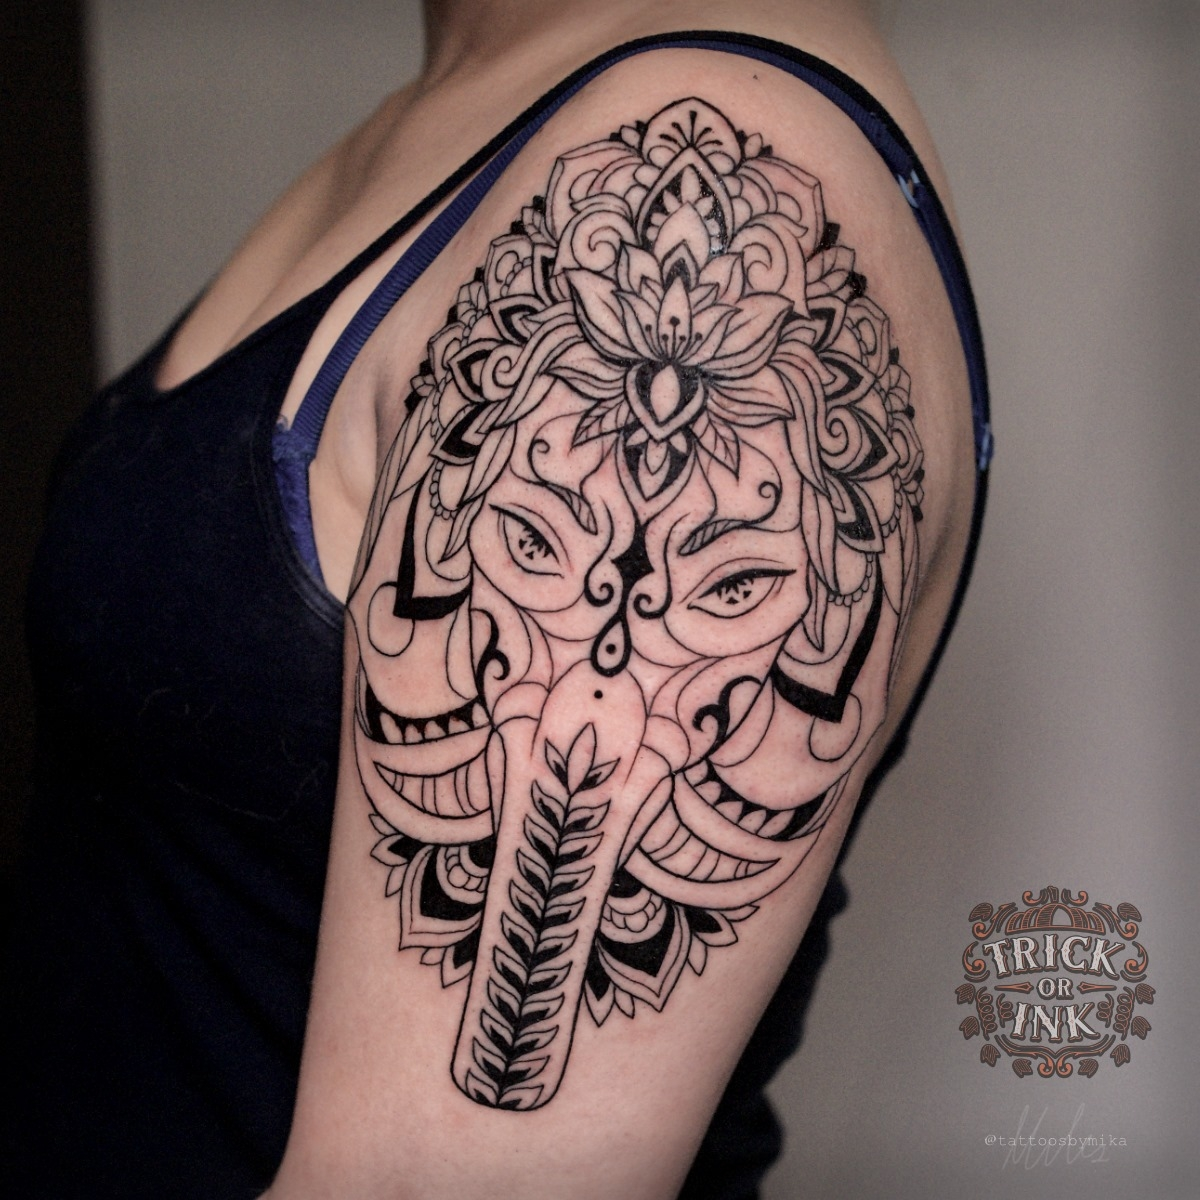 Inksearch tattoo Trick or Ink Tattoo Studio